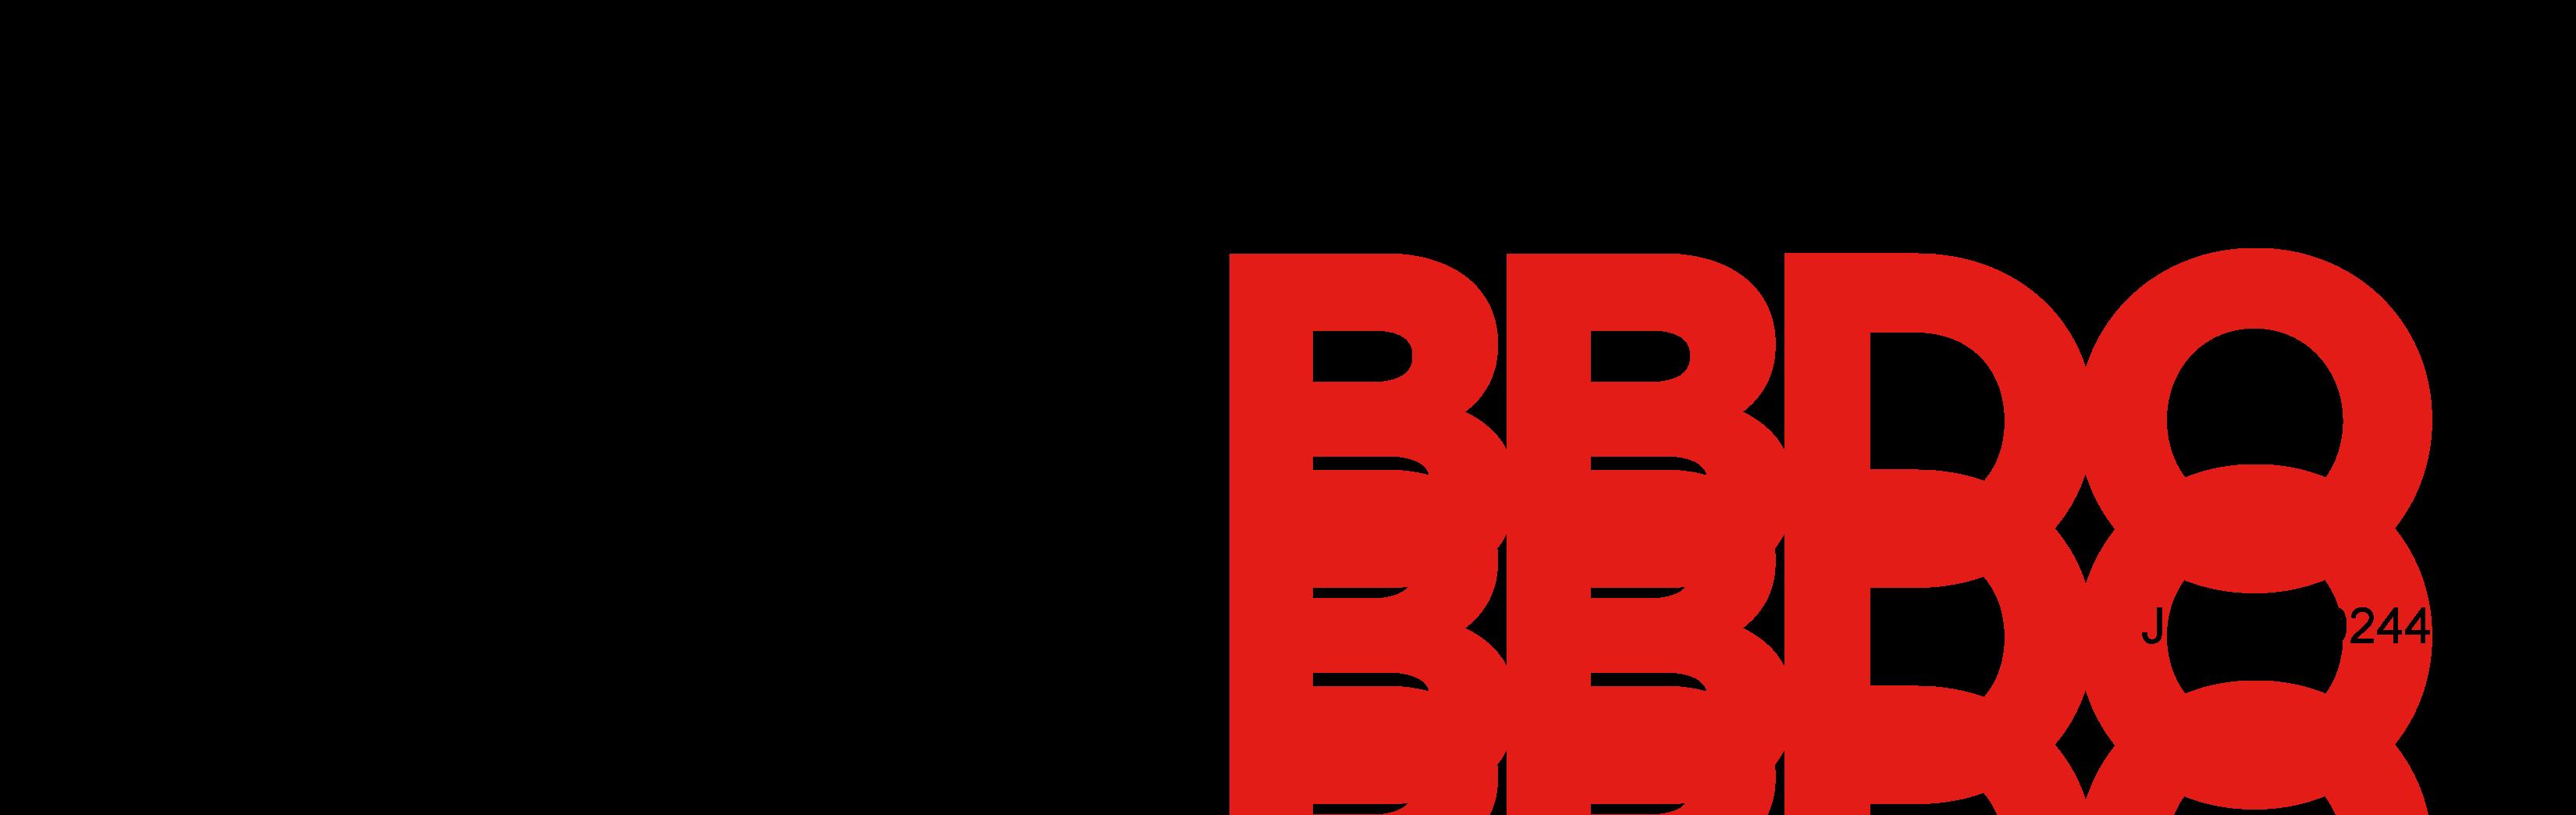 Logo_ZeaBBDO_2018 new